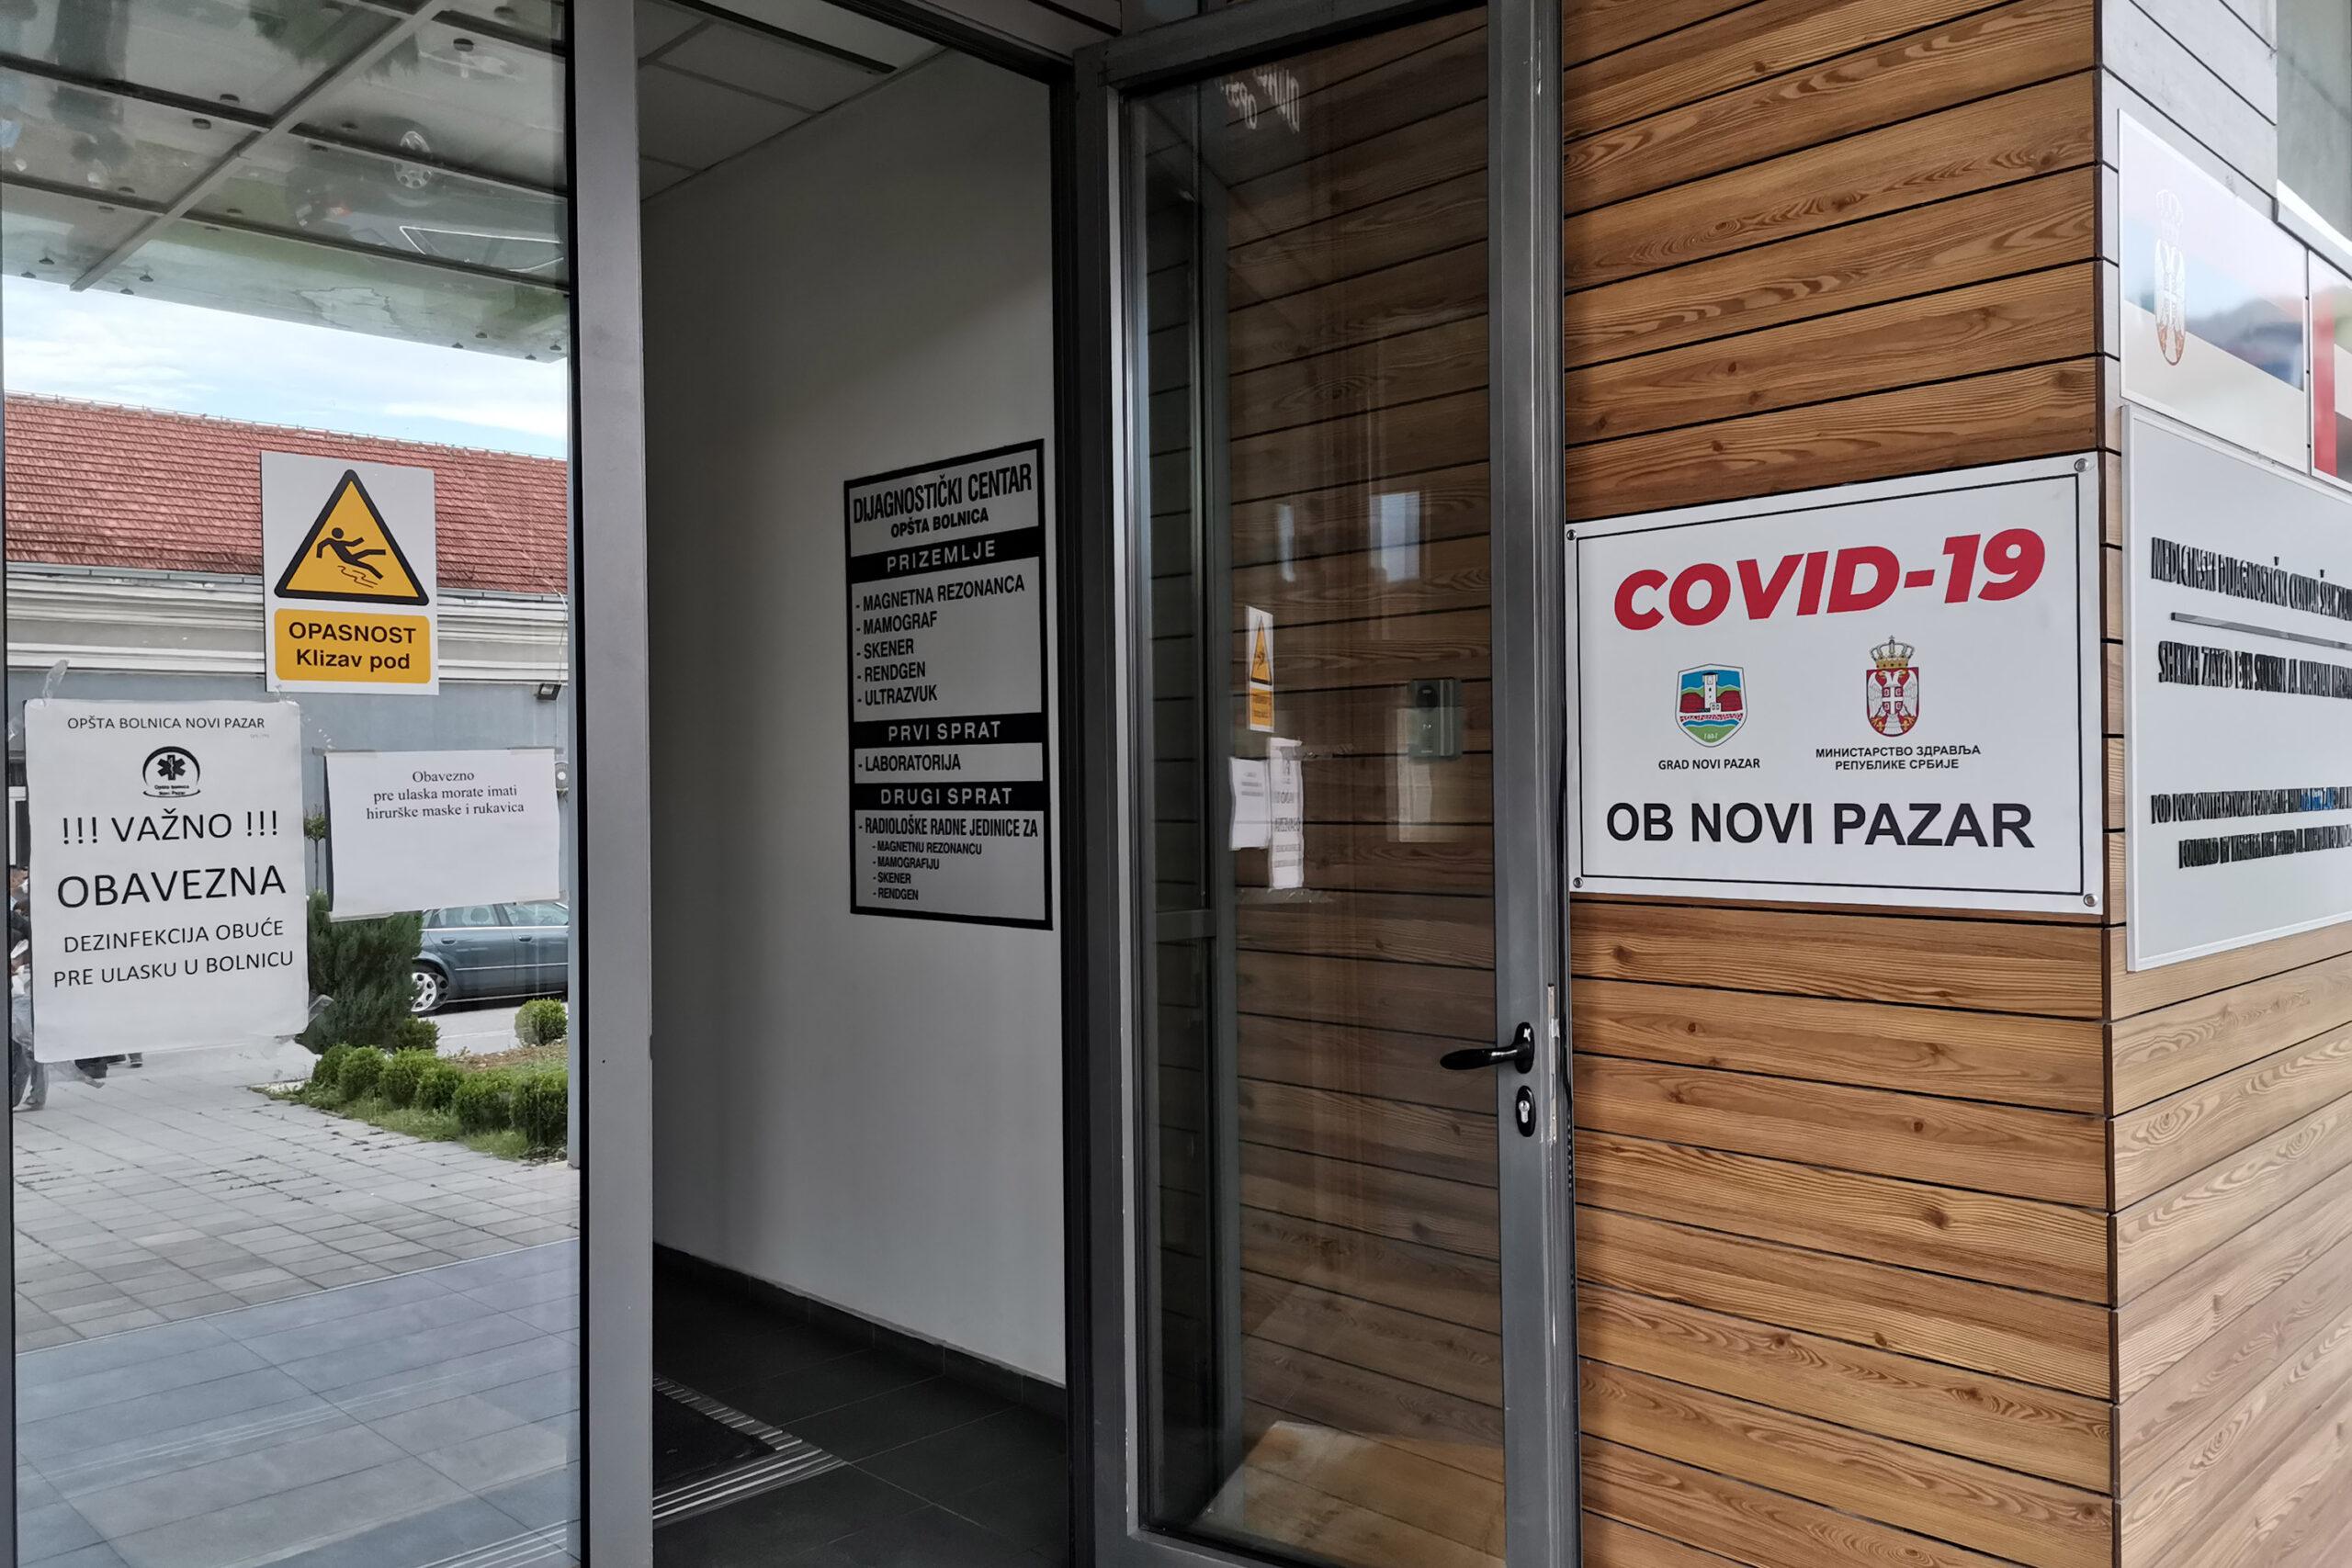 jovanovic:-neophodan-nadzor-bolnice-u-novom-pazaru